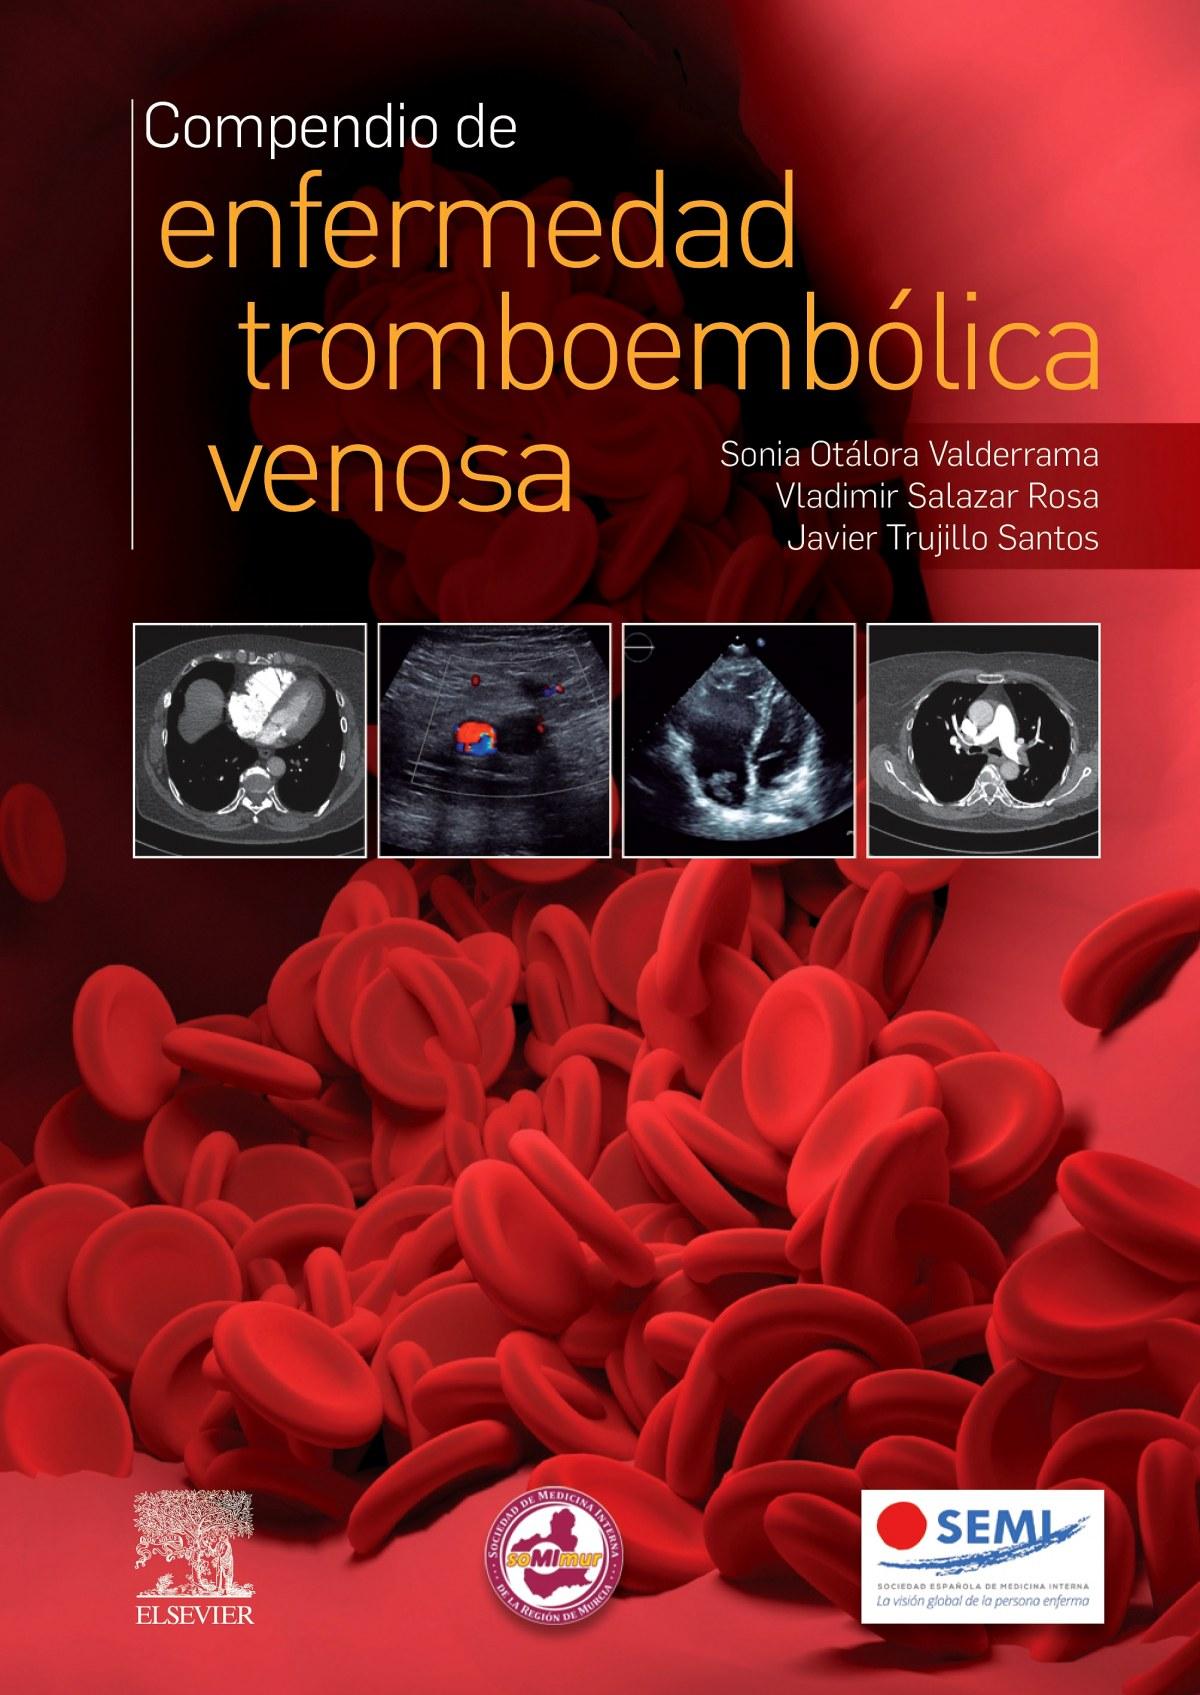 Compendio de enfermedad tromboembólica venosa 9788491137276